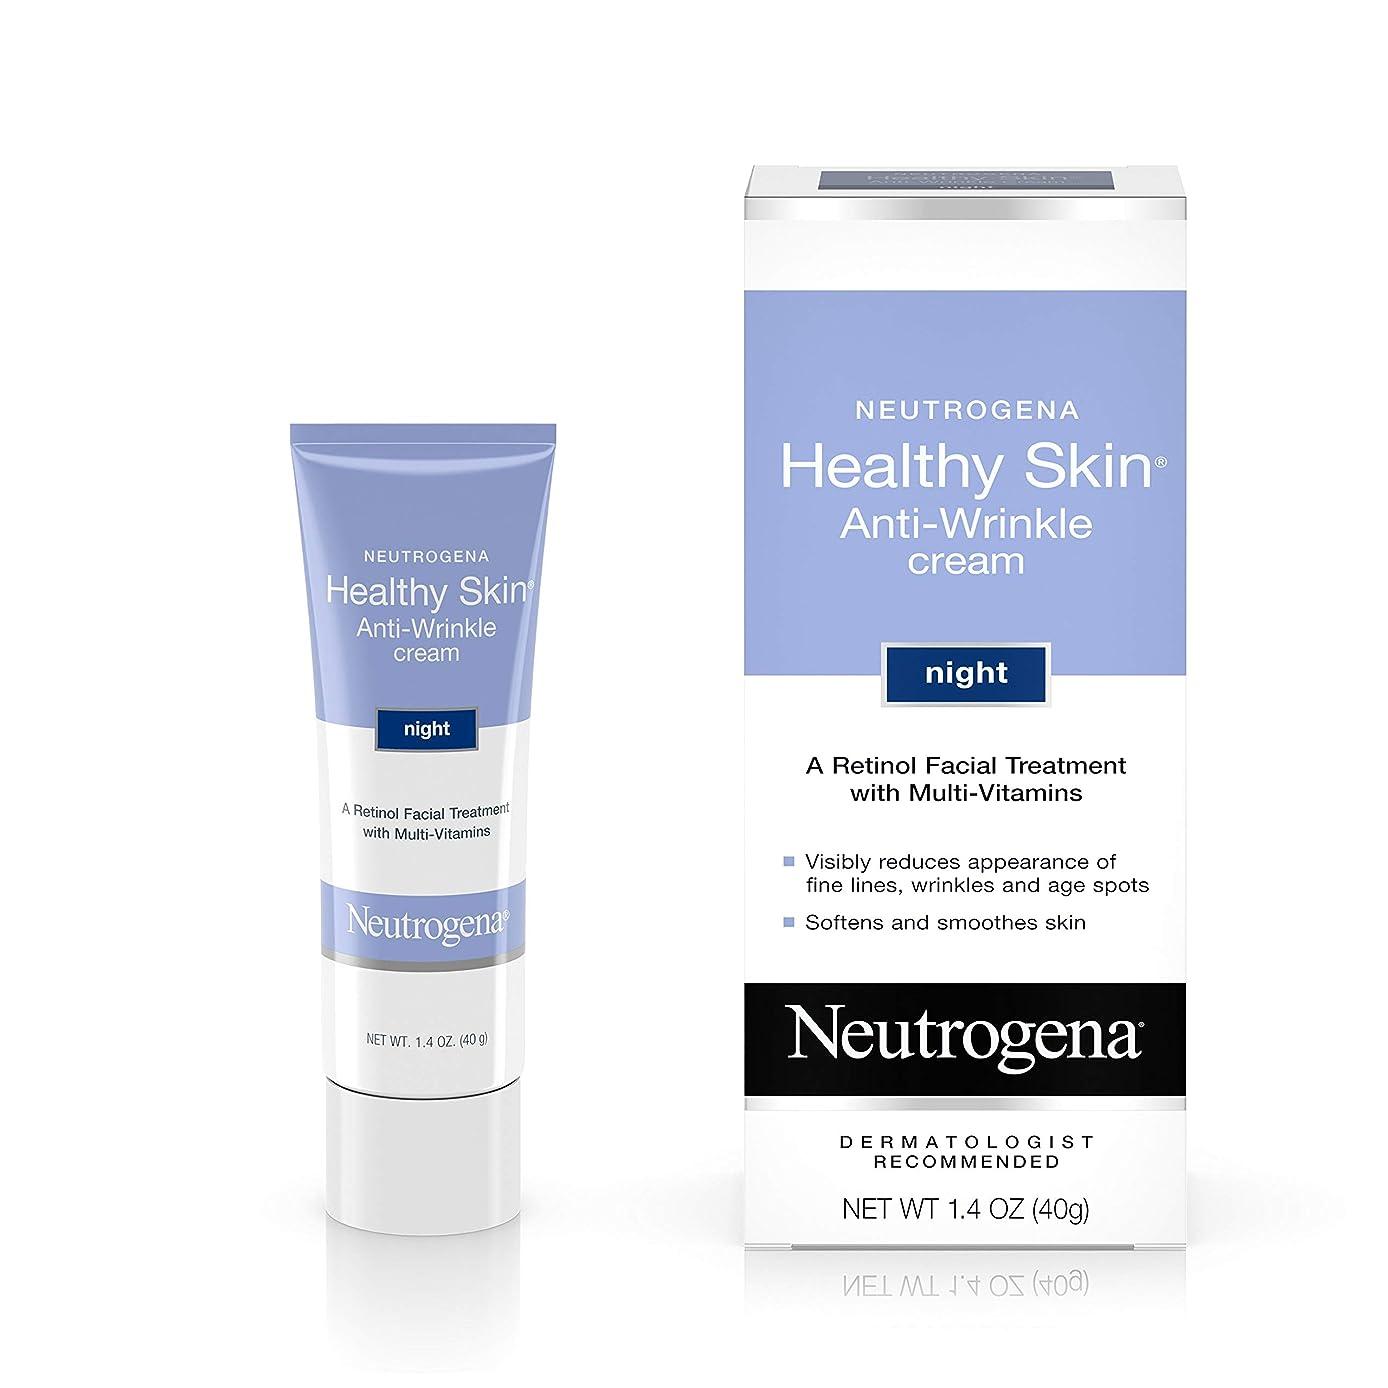 代表してファイバペンフレンド海外直送肘 Neutrogena Healthy Skin Anti-Wrinkle Night Cream, 1.4 oz